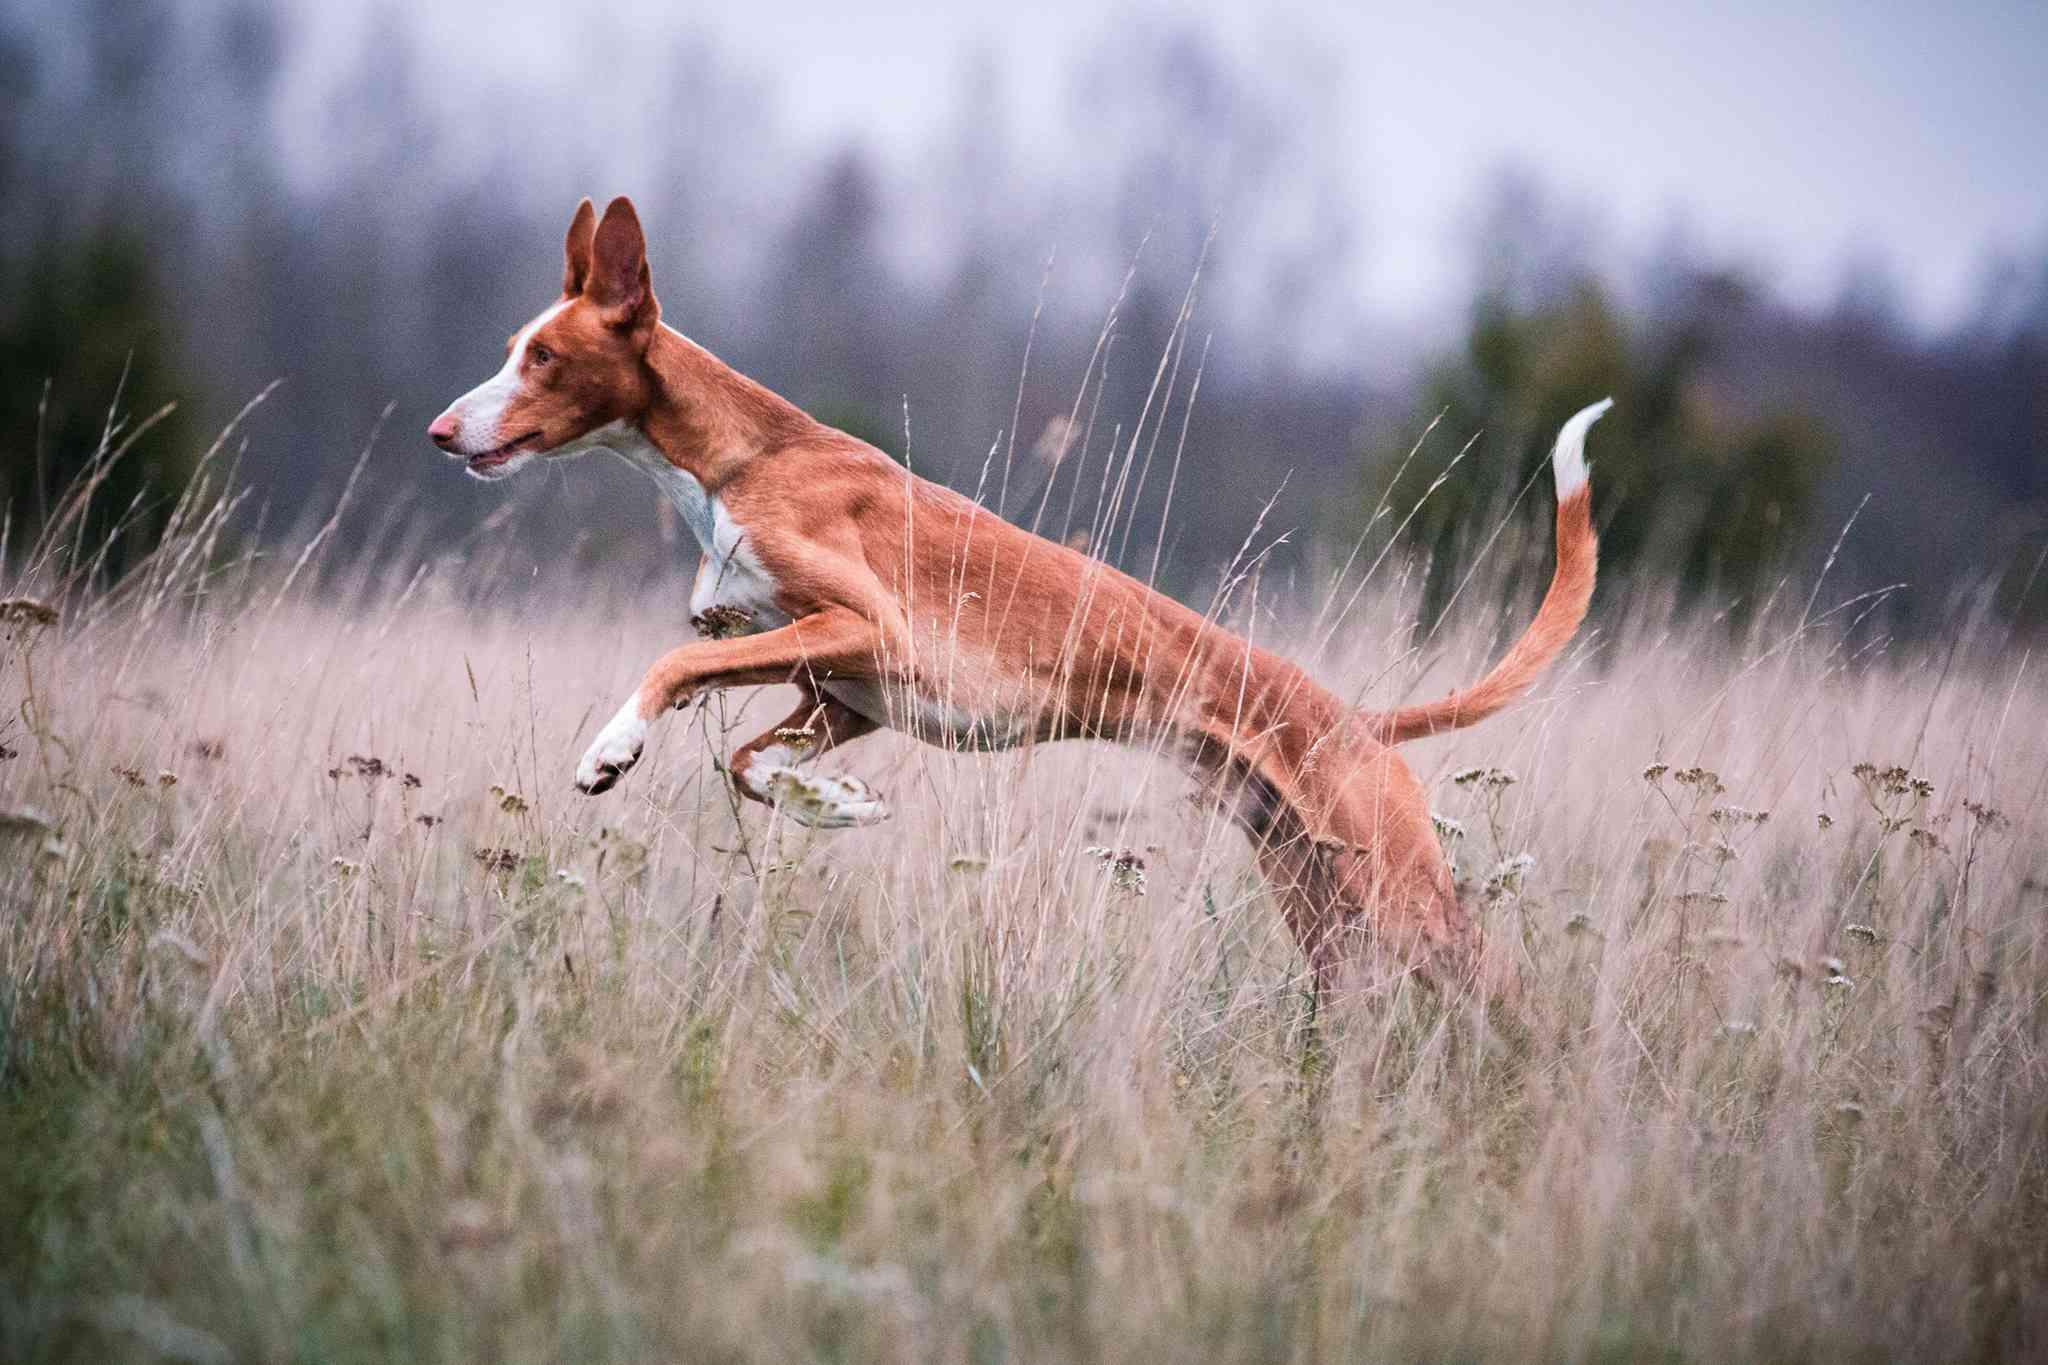 Ibizan Hound Running